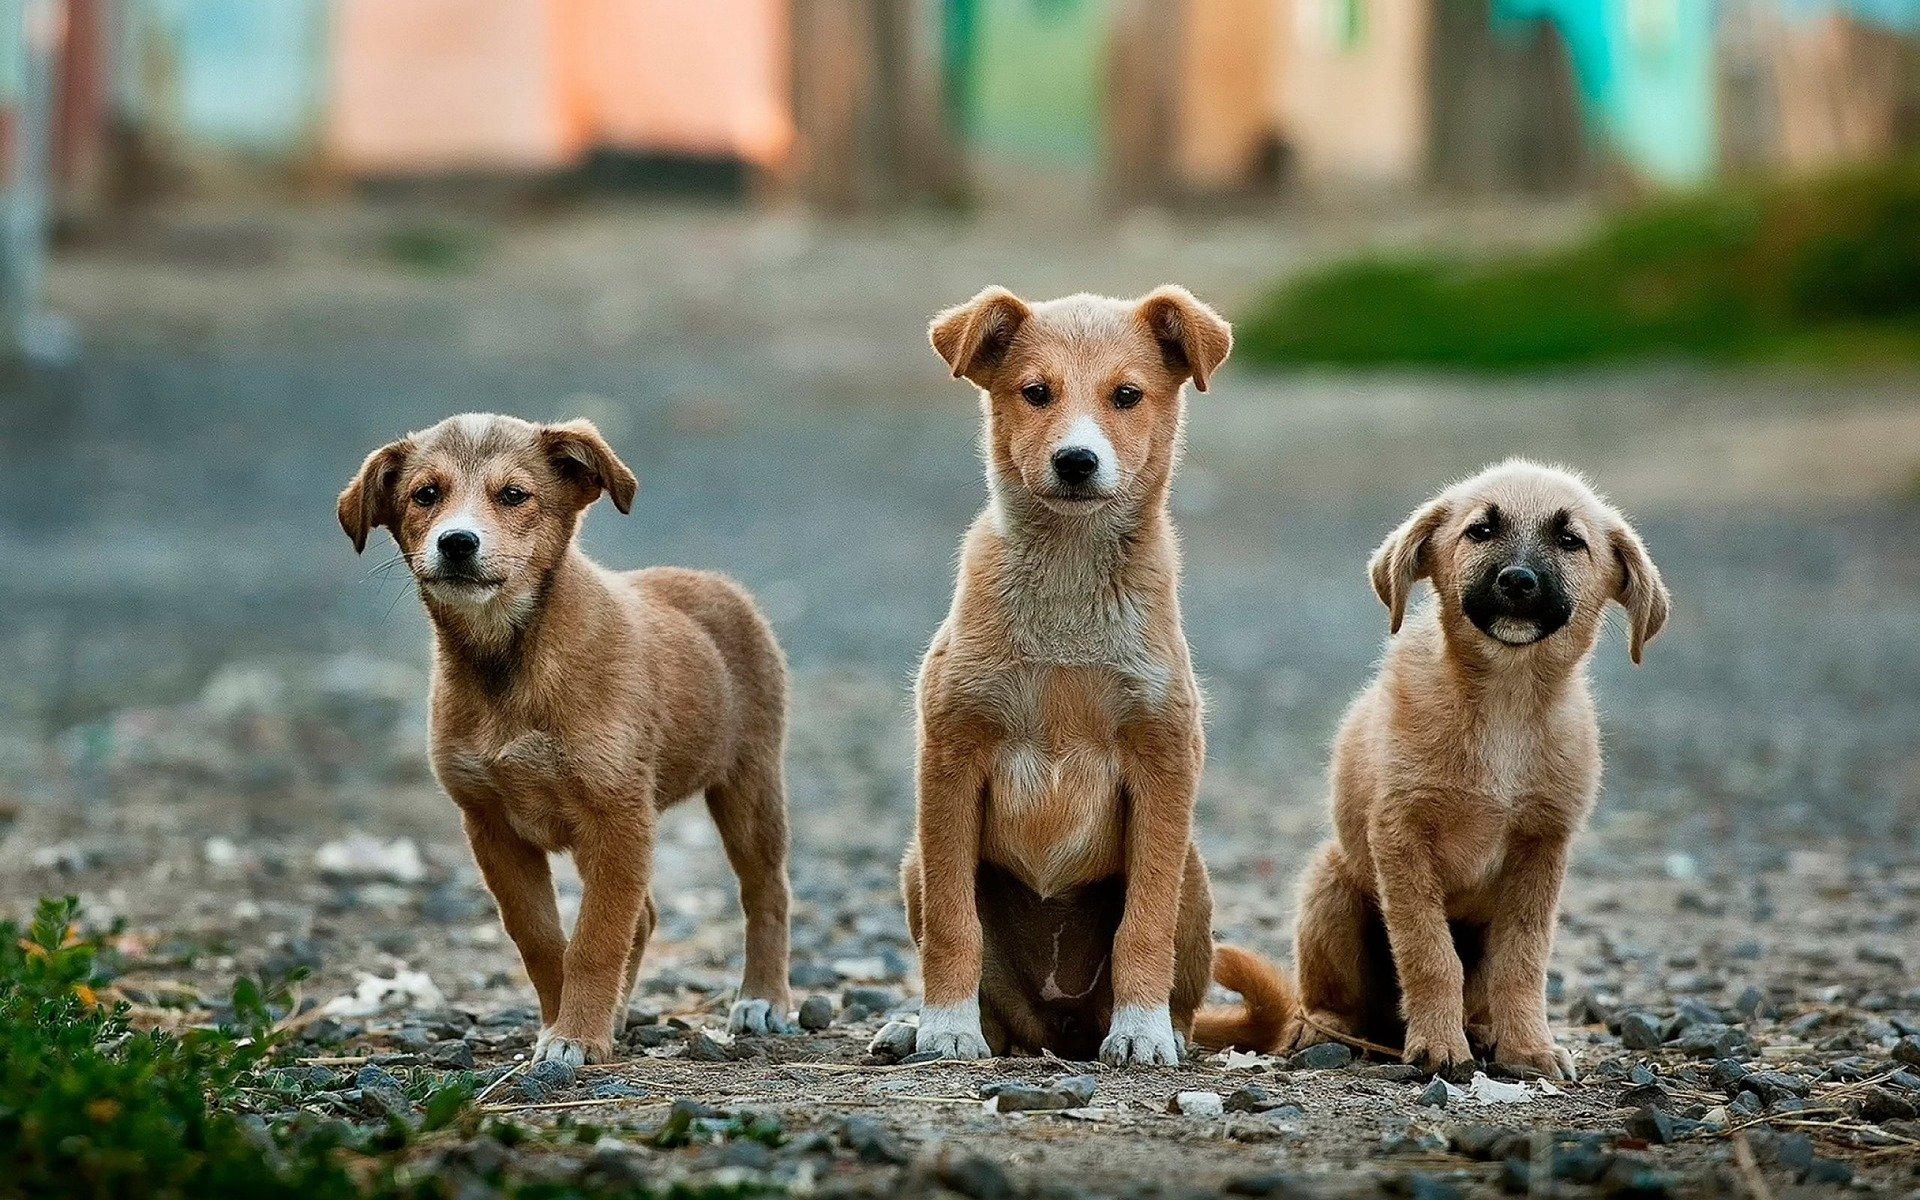 Pesquisa da UFPR descarta transmissão de Coronavírus de cães para humanos